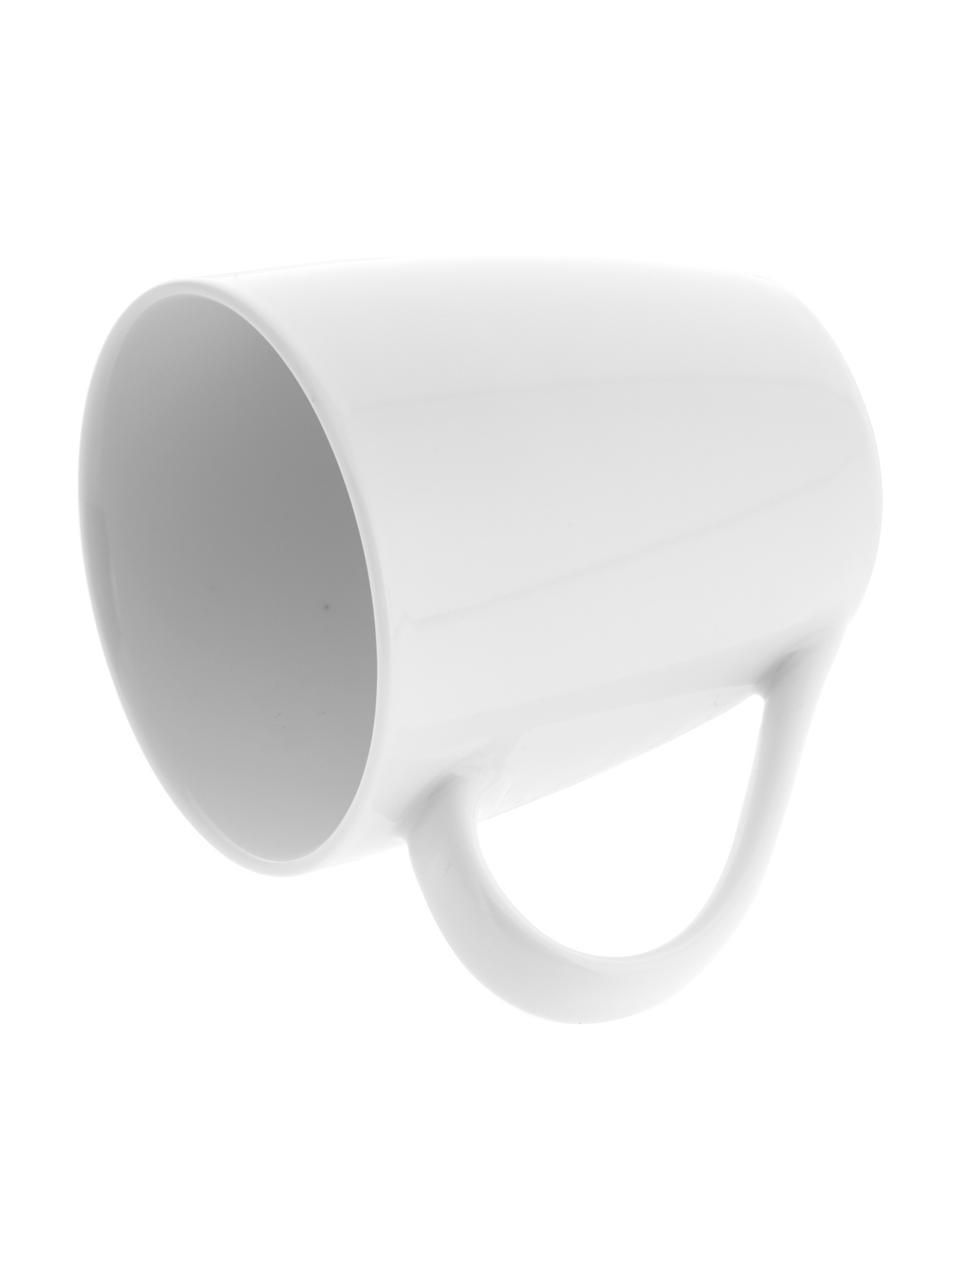 Tasse porcelaine blanche Delight, 2pièces, Blanc